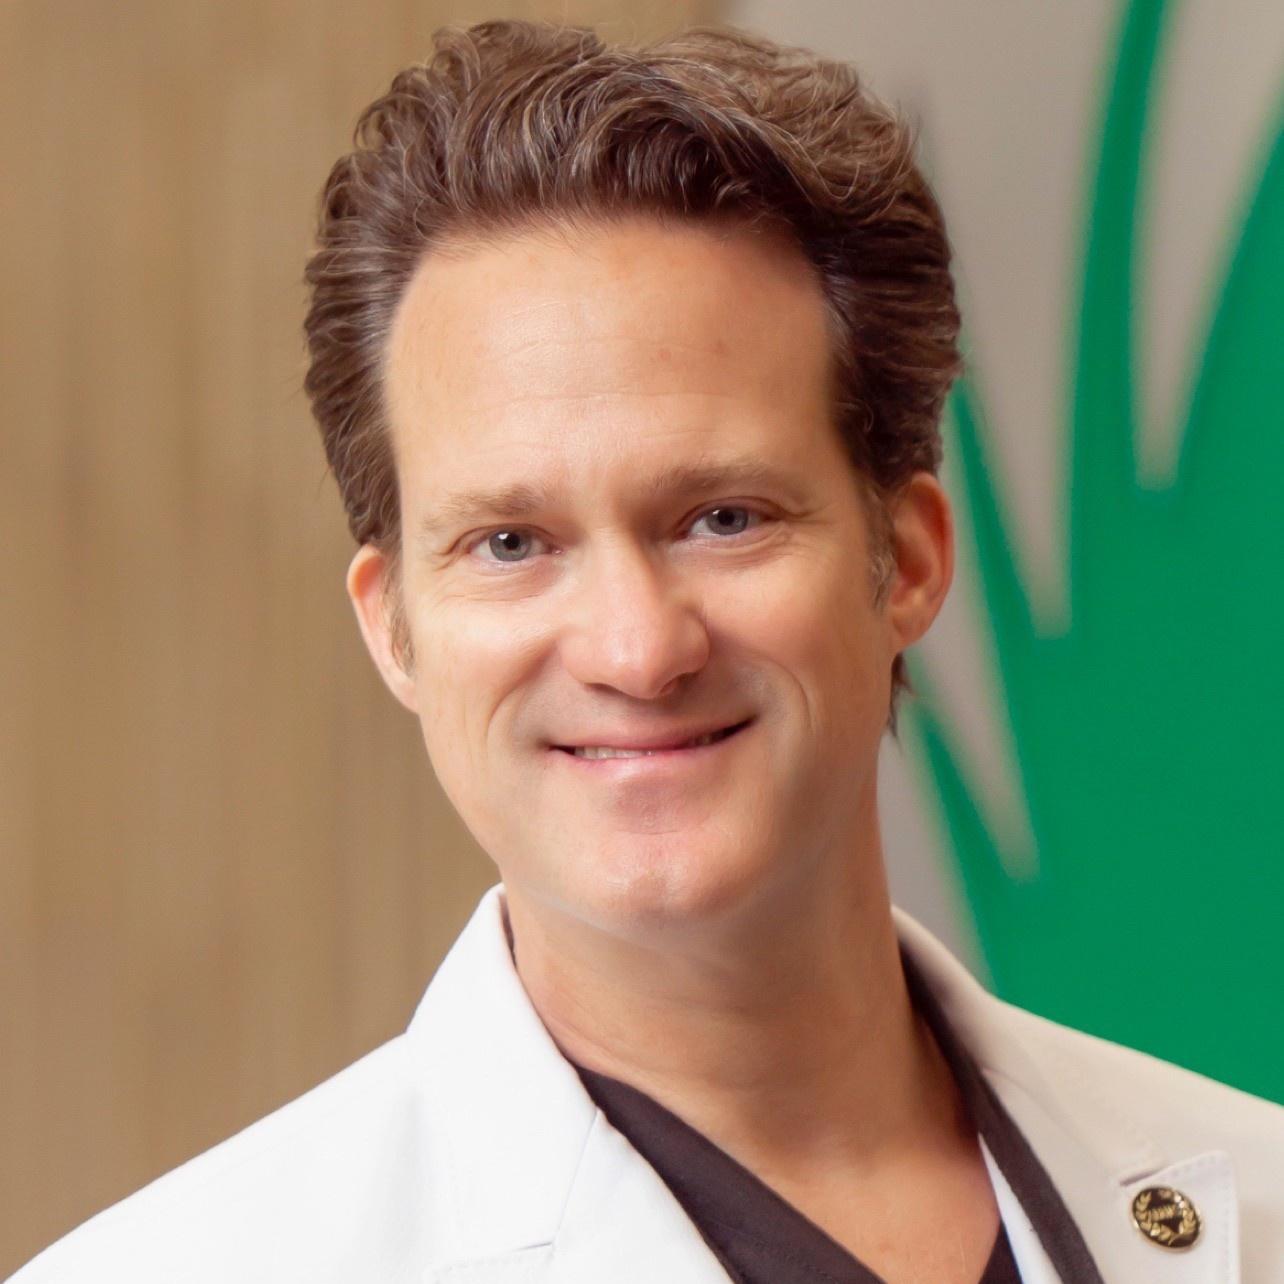 Dr Alan Bauman